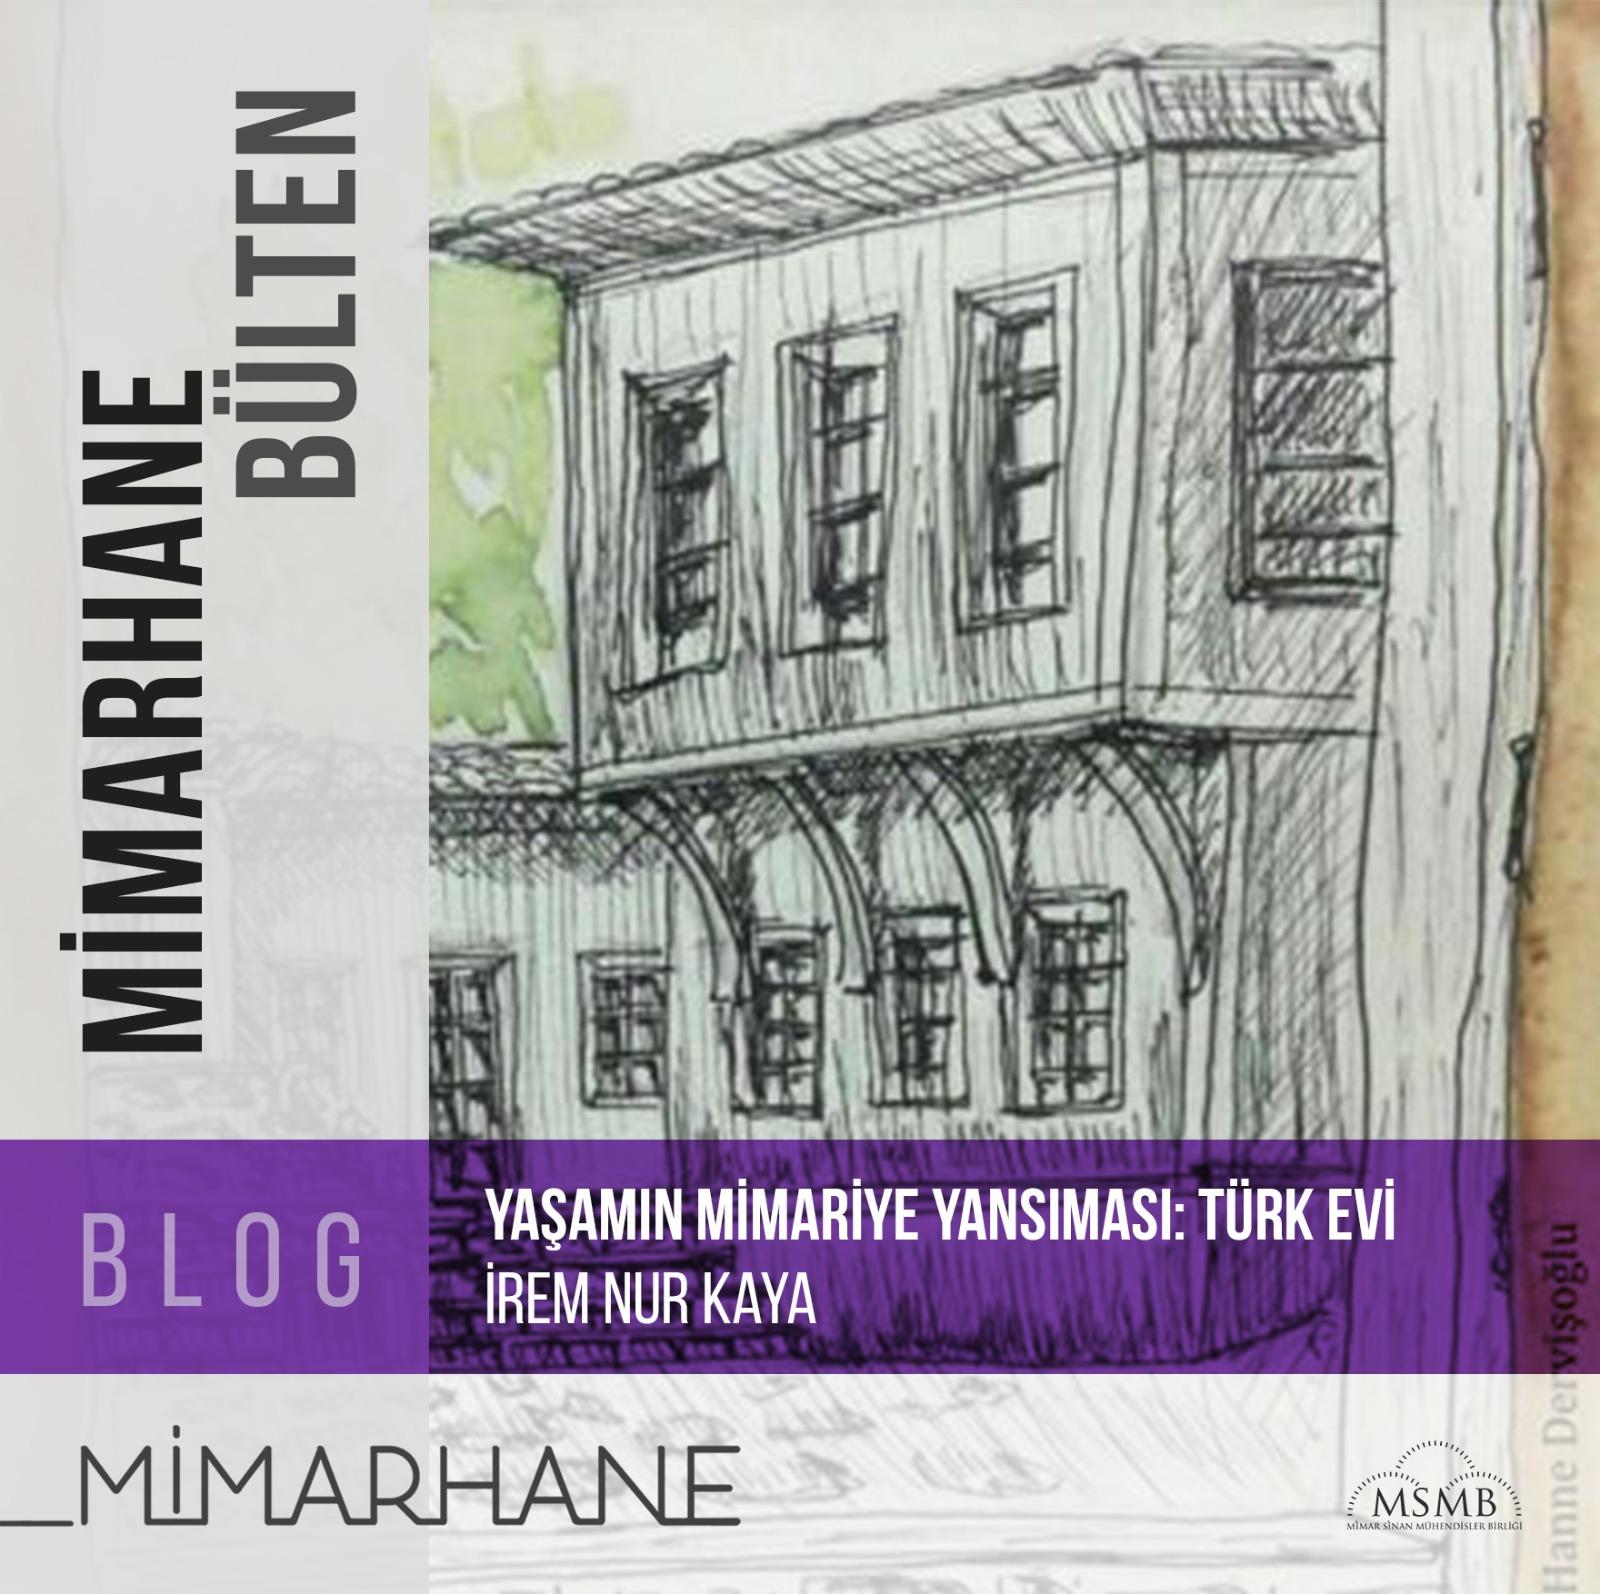 Yaşamın Mimariye Yansıması: Türk Evi | İrem Nur Kaya